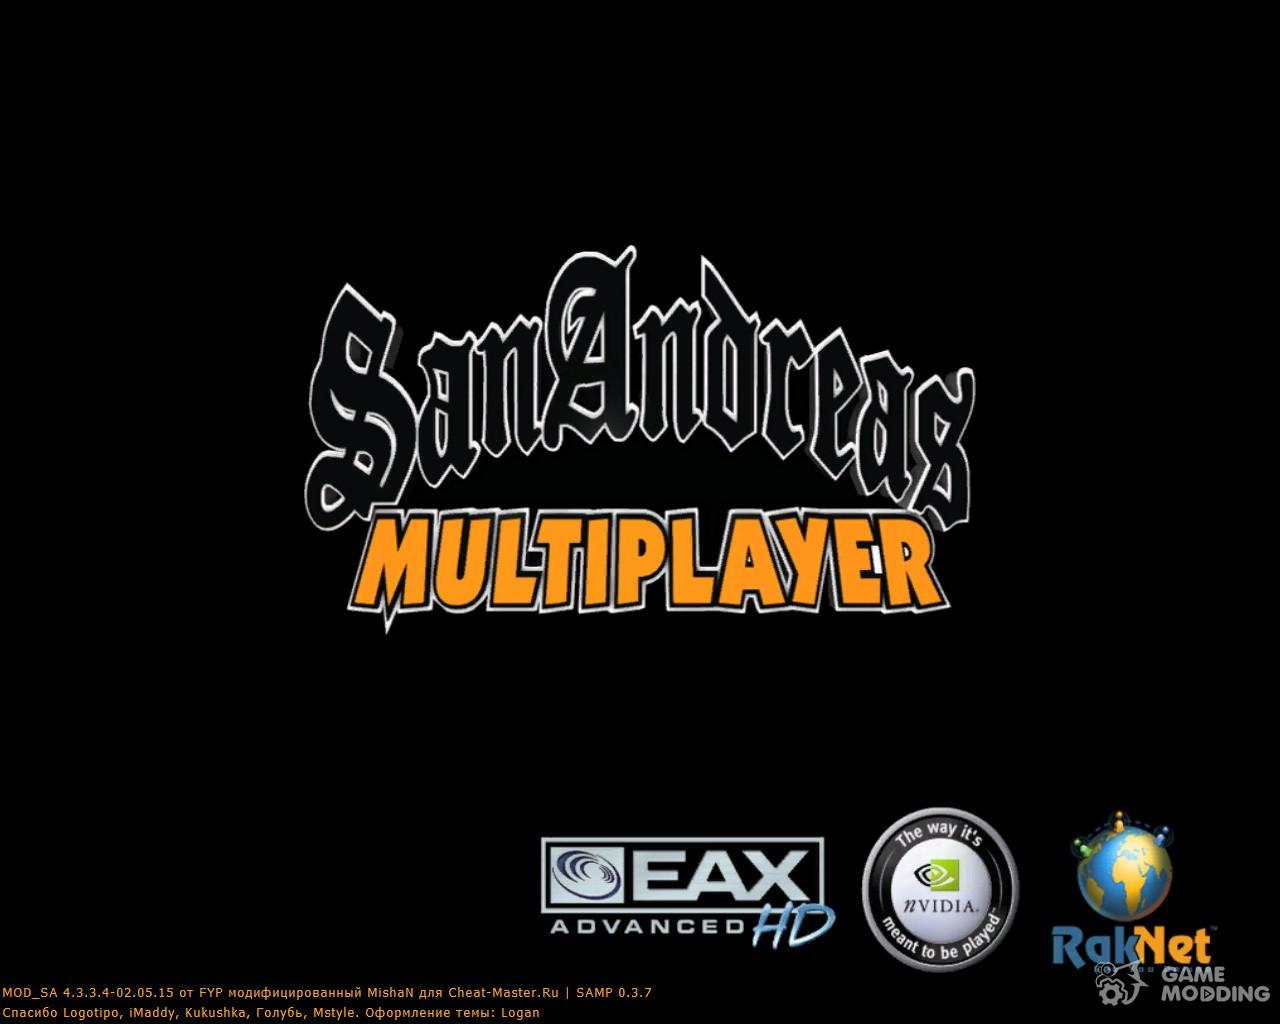 Скачать samp 0. 3. 7 / gta san andreas multiplayer через торрент.